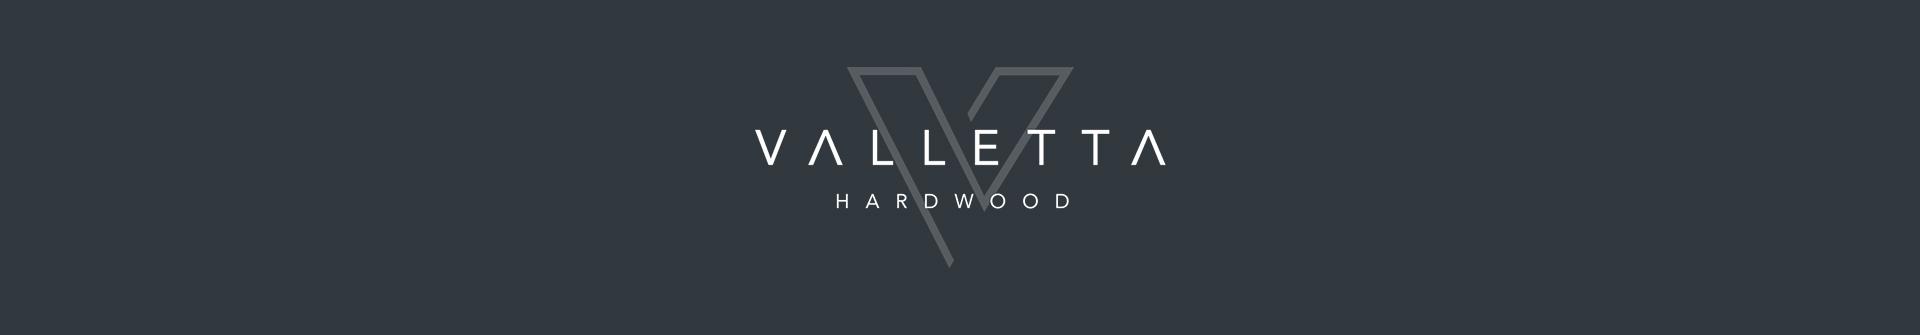 valletta main logo.jpg